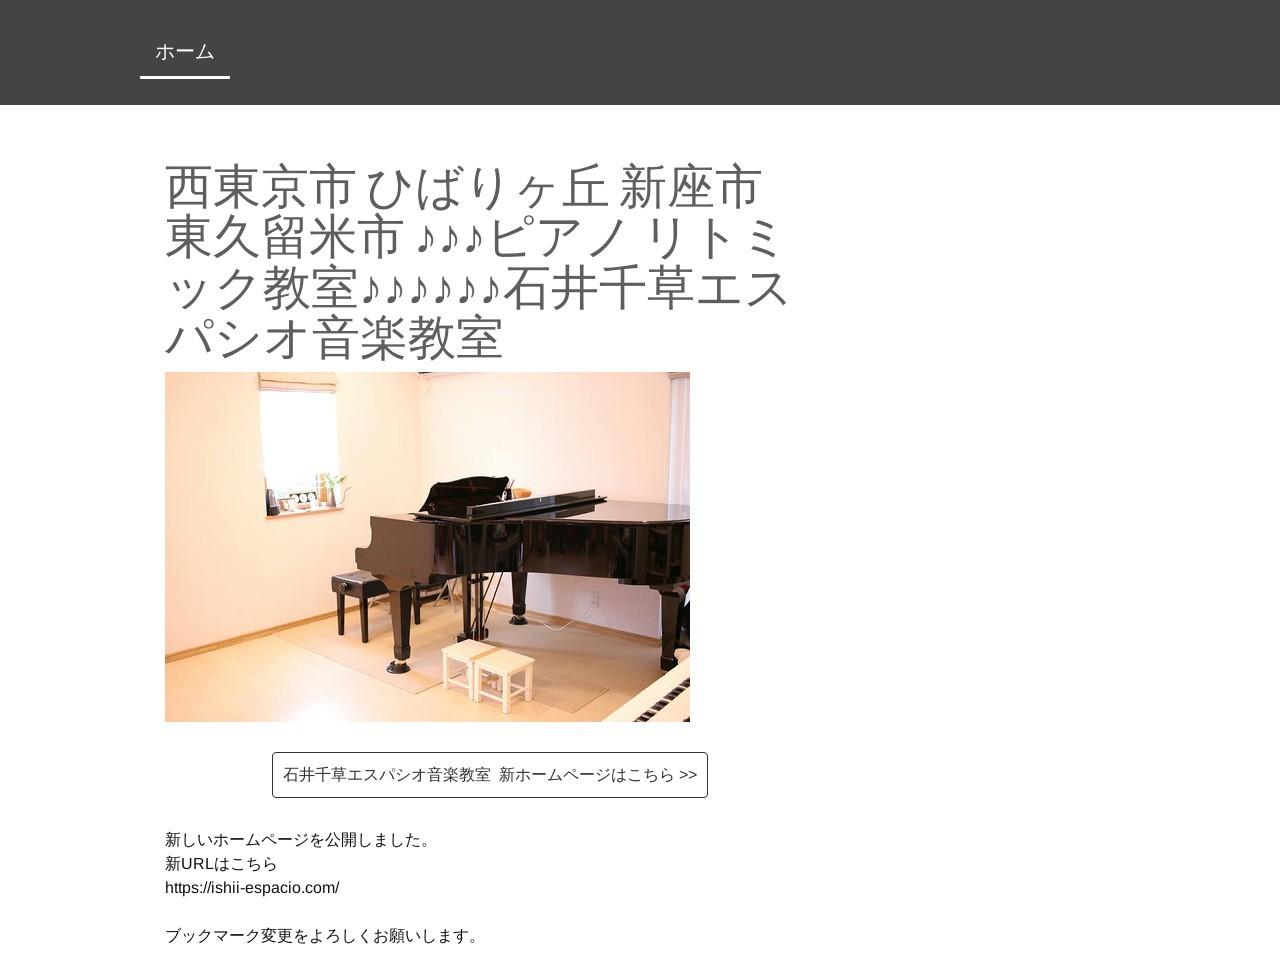 石井千草ピアノ・音楽教室のサムネイル